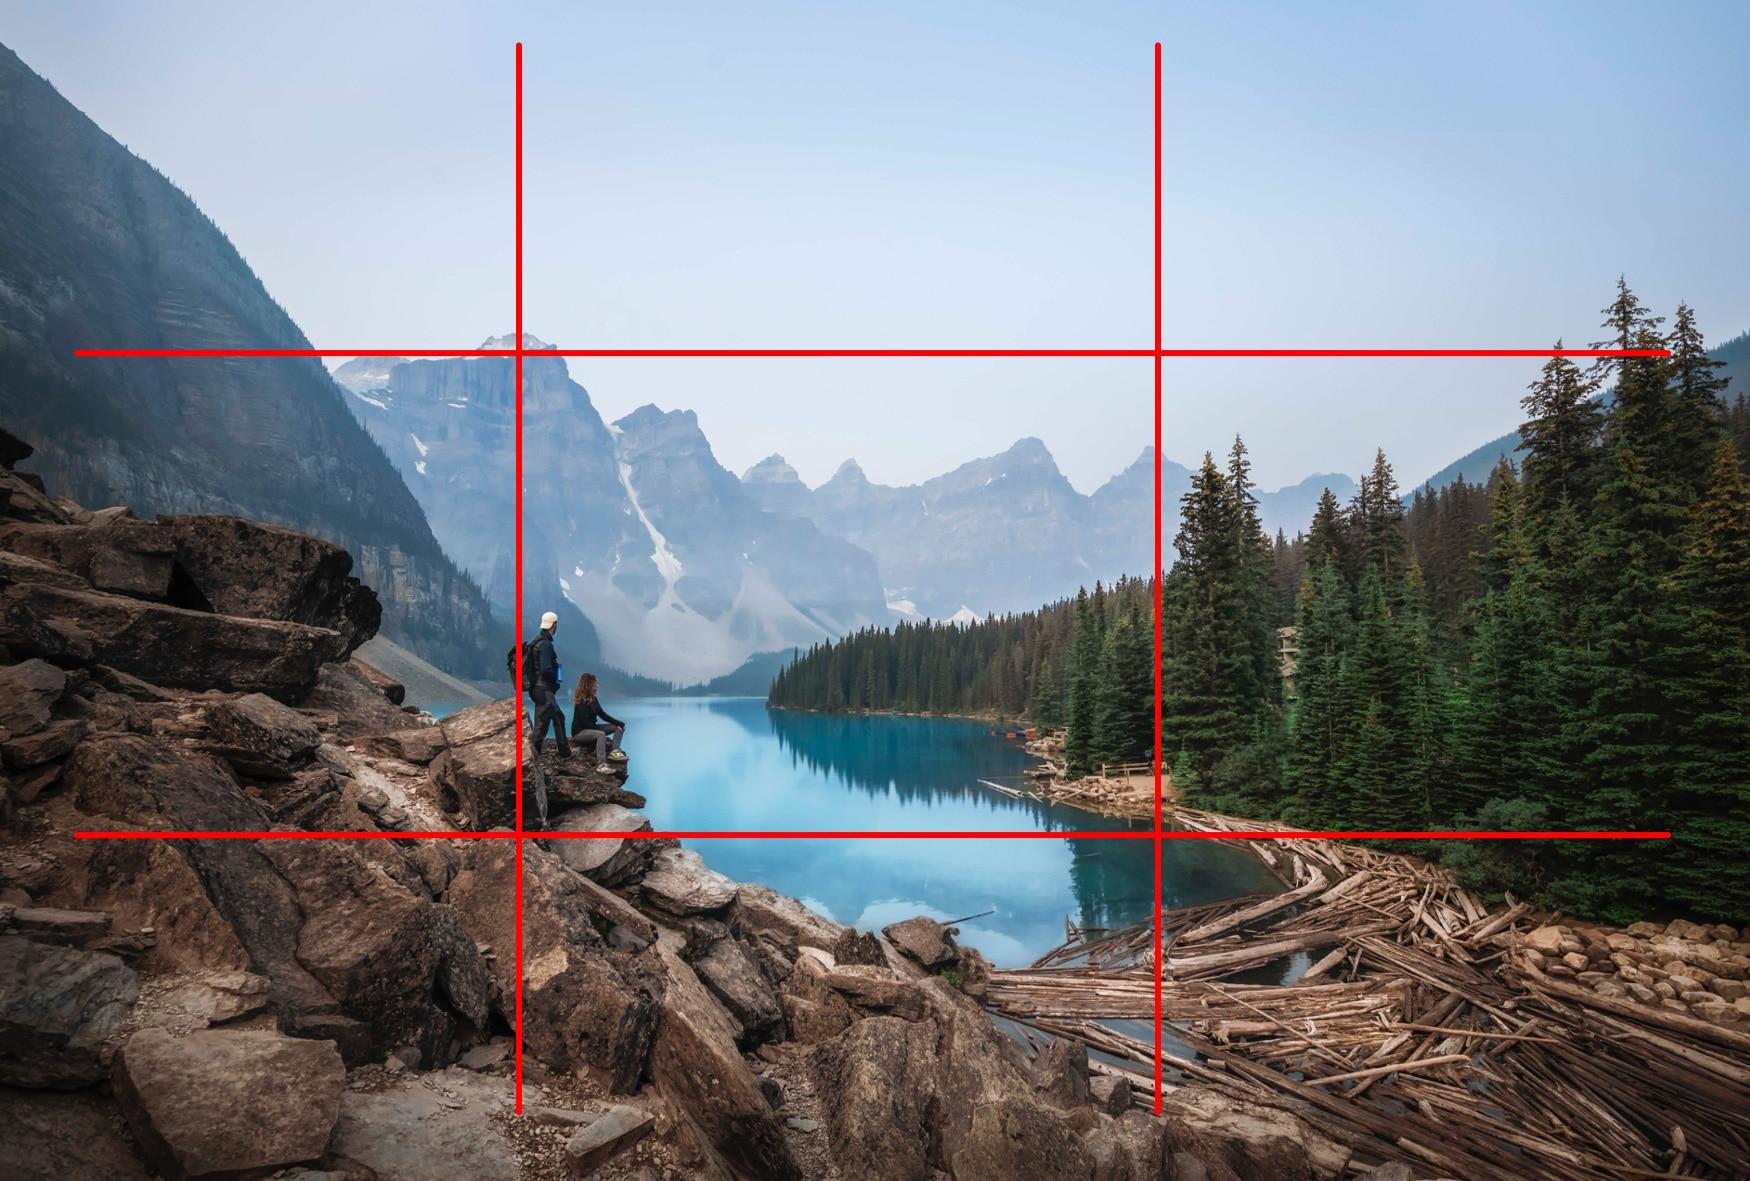 """Paysage Moraine Lake Canada - Image illustrant l'article """"Travailler la composition avec la règle des tiers"""" - La Photo clic par clic"""